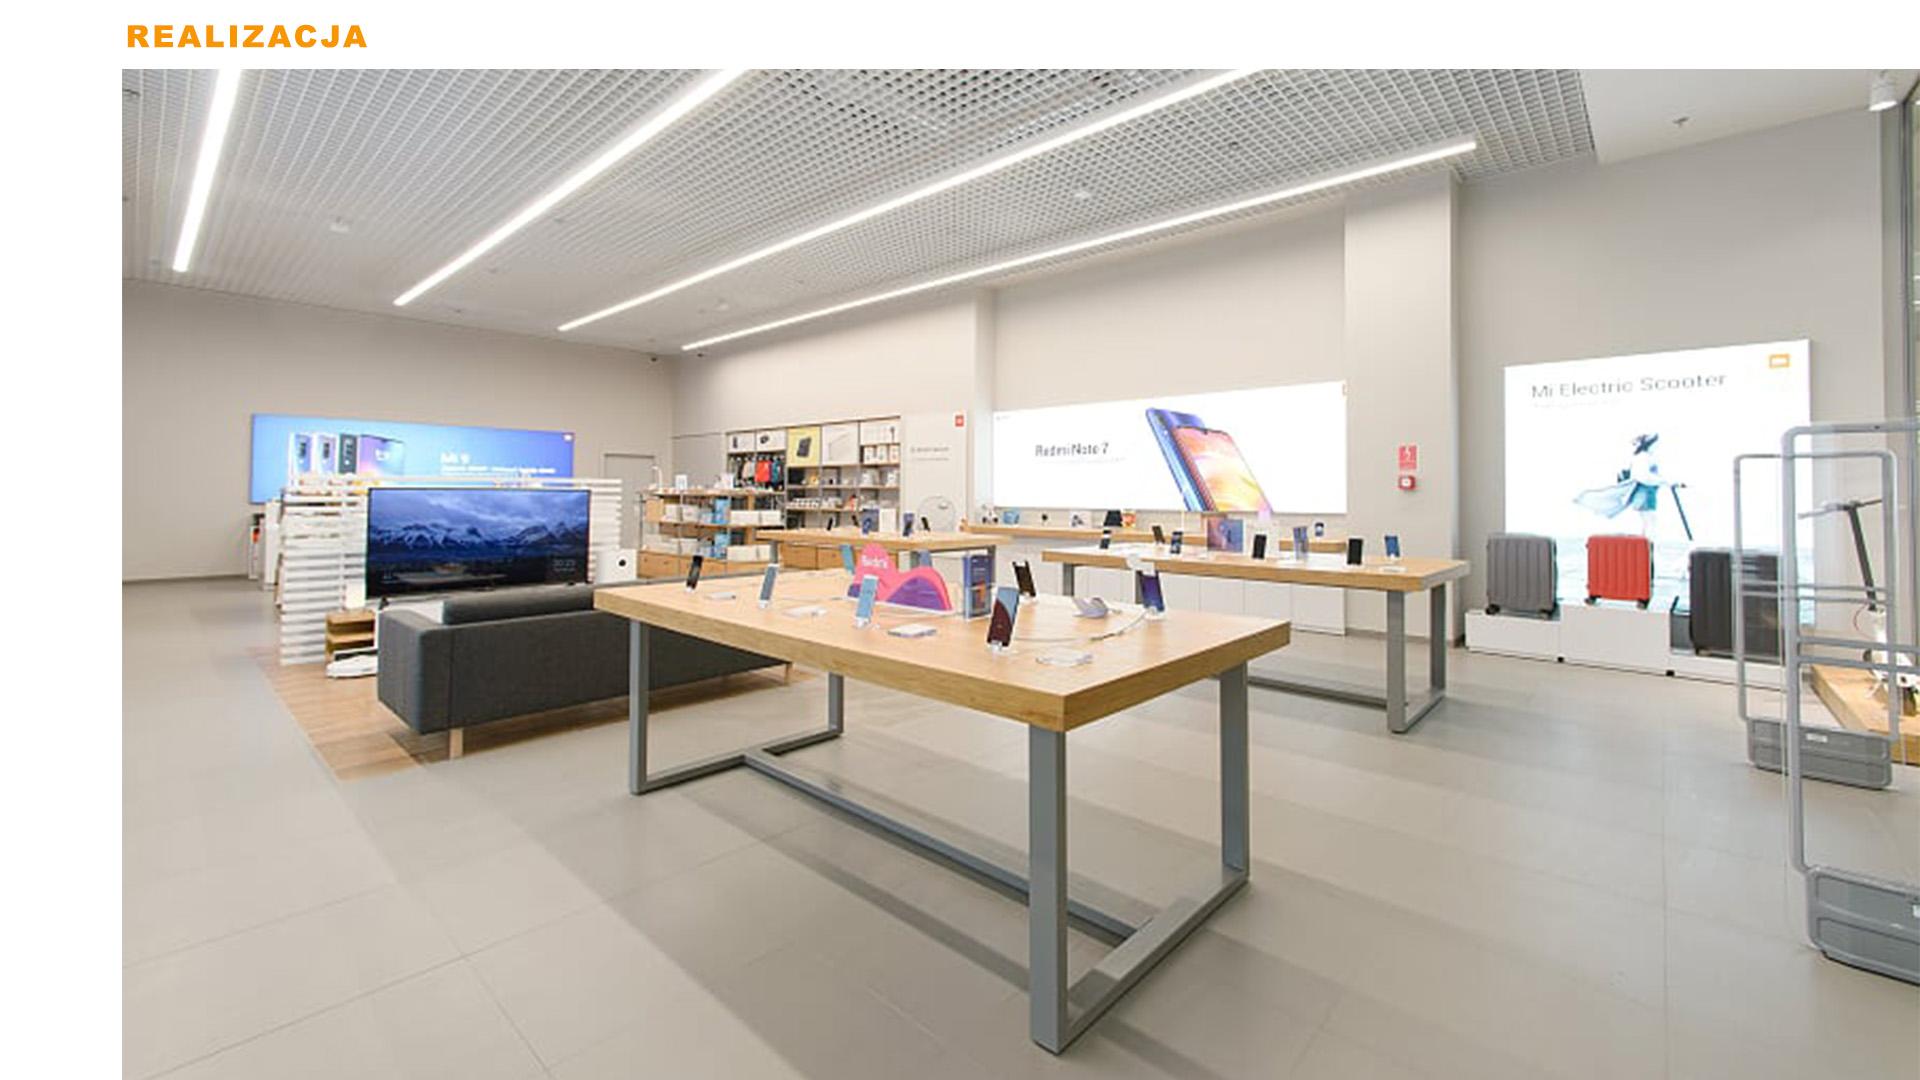 Mi-Store - Warszawa - Galeria Młociny - realizacja